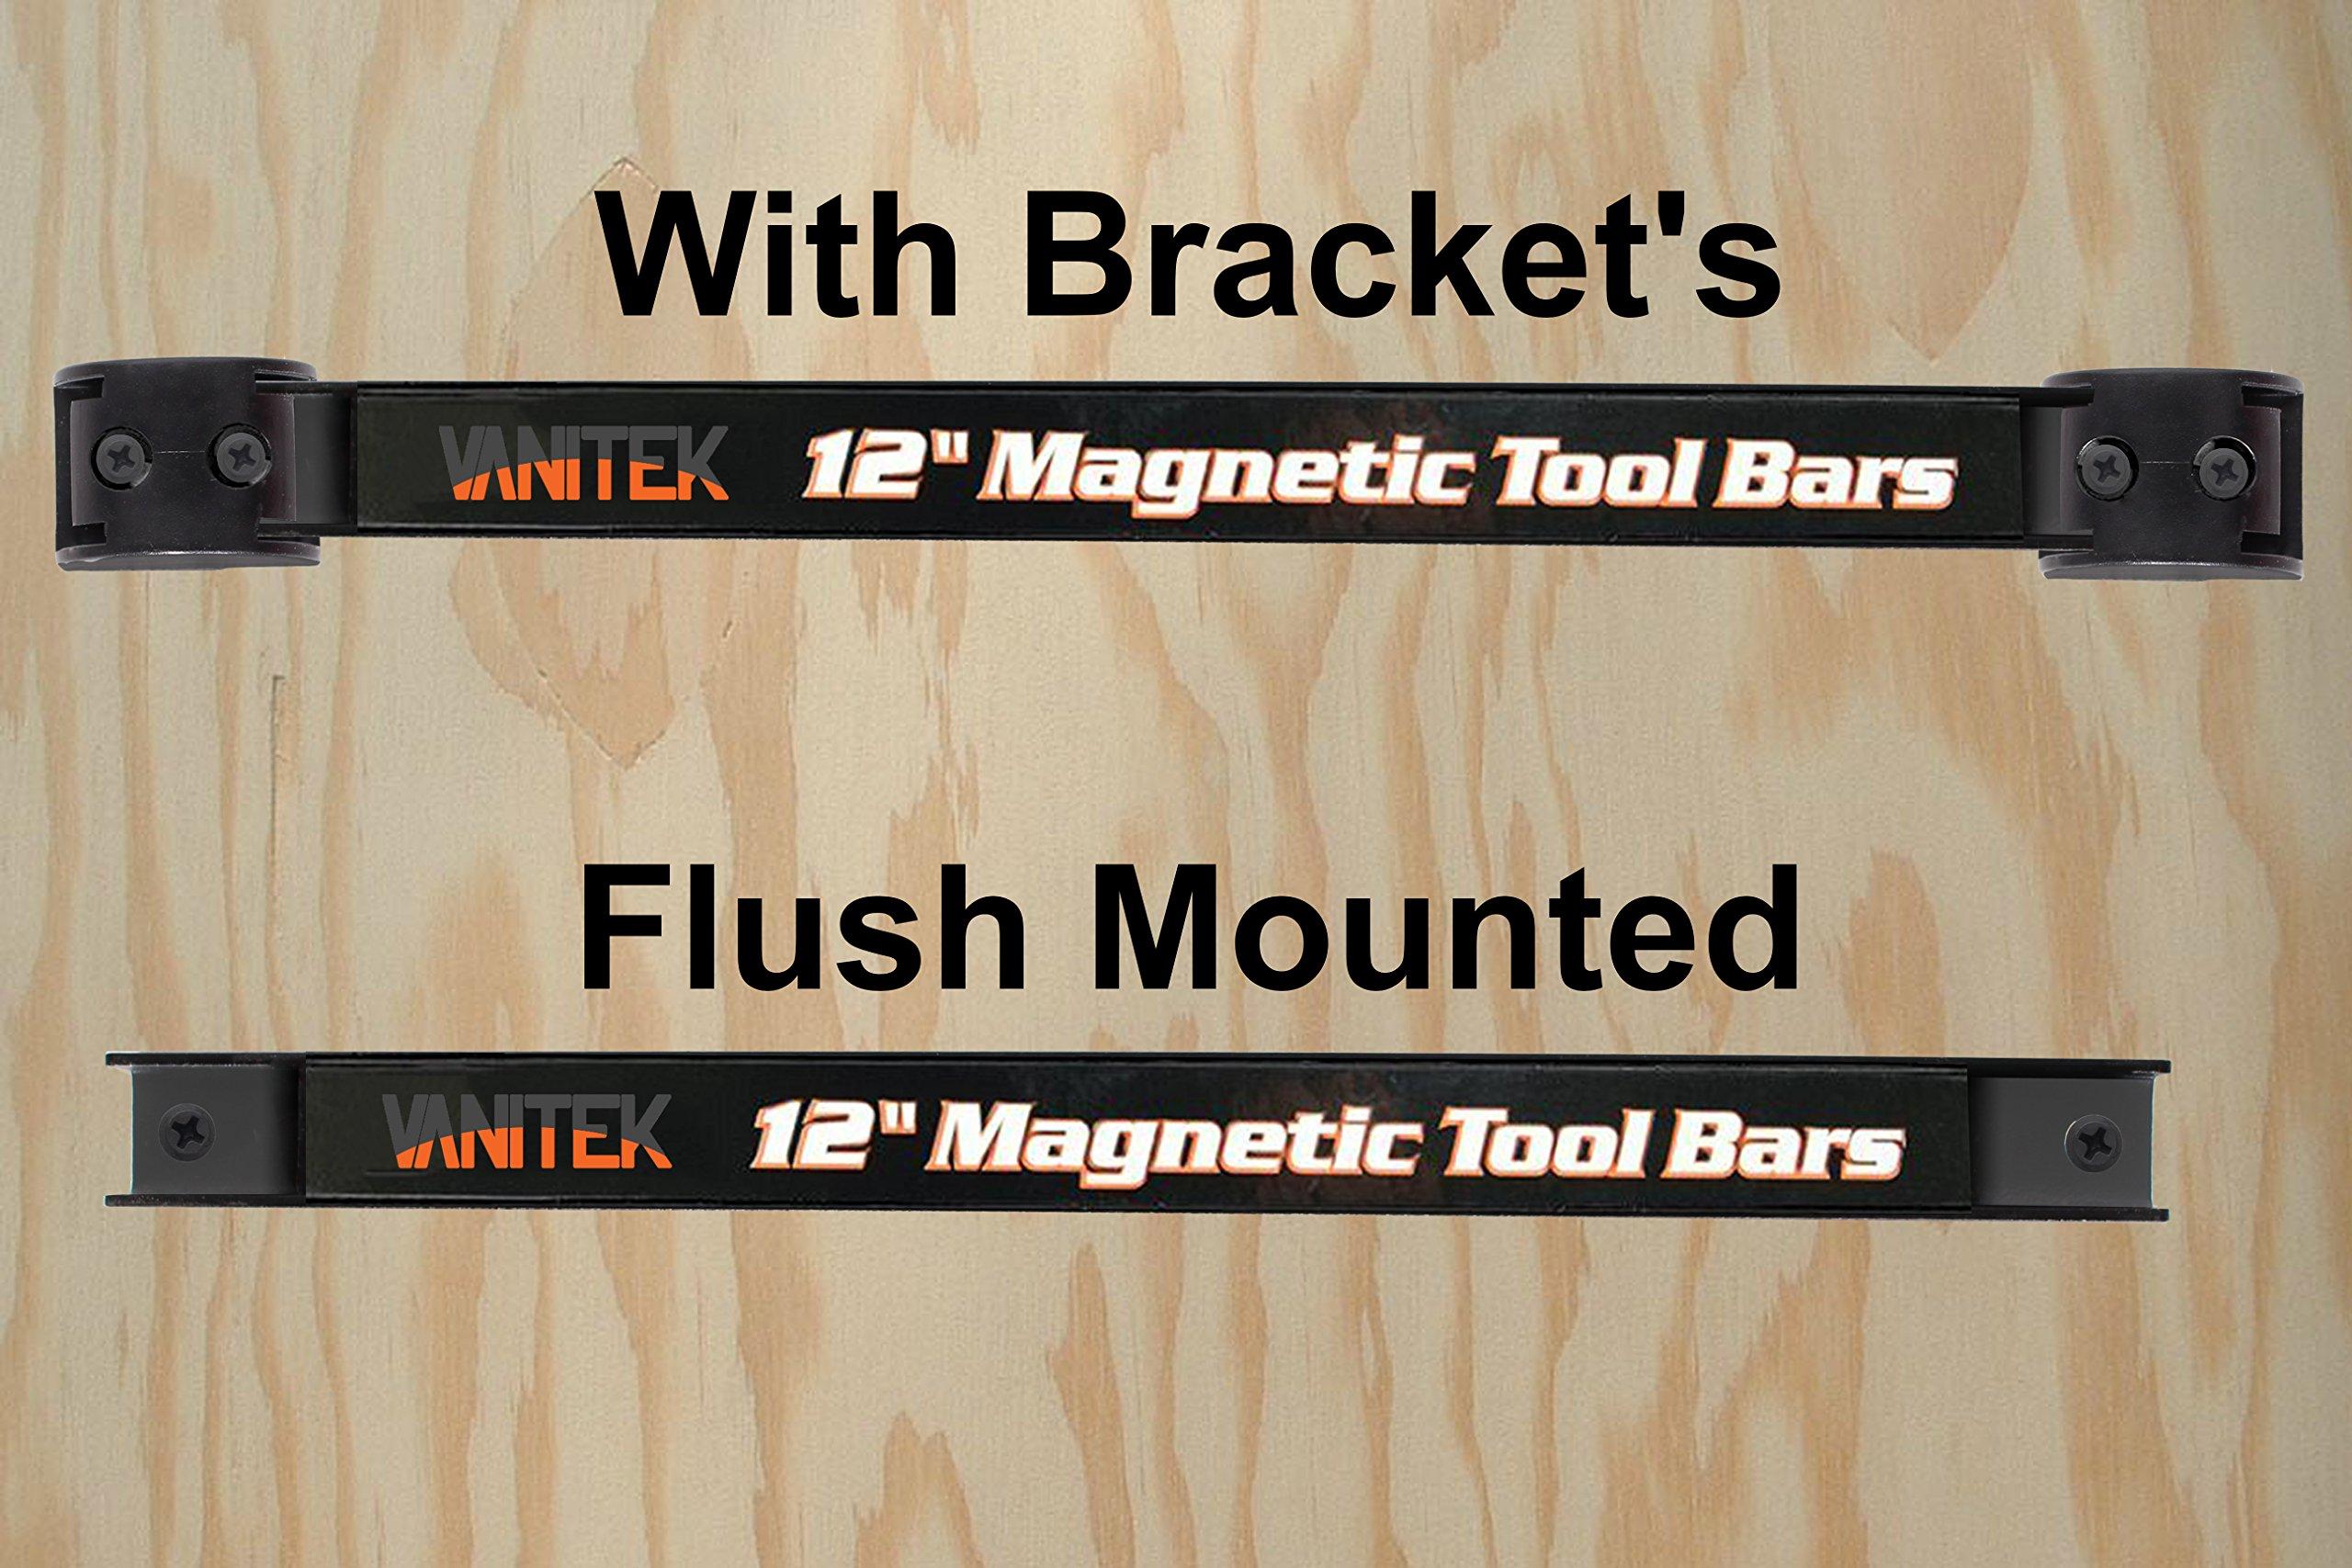 Vanitek 4 Heavy-Duty 12'' Magnetic Tool Holder Racks | Super Strong Metal Magnet Storage Tool Organizer Bars Set | Great for Garage/Workshops (Mounting Screws Included) by Vanitek (Image #4)